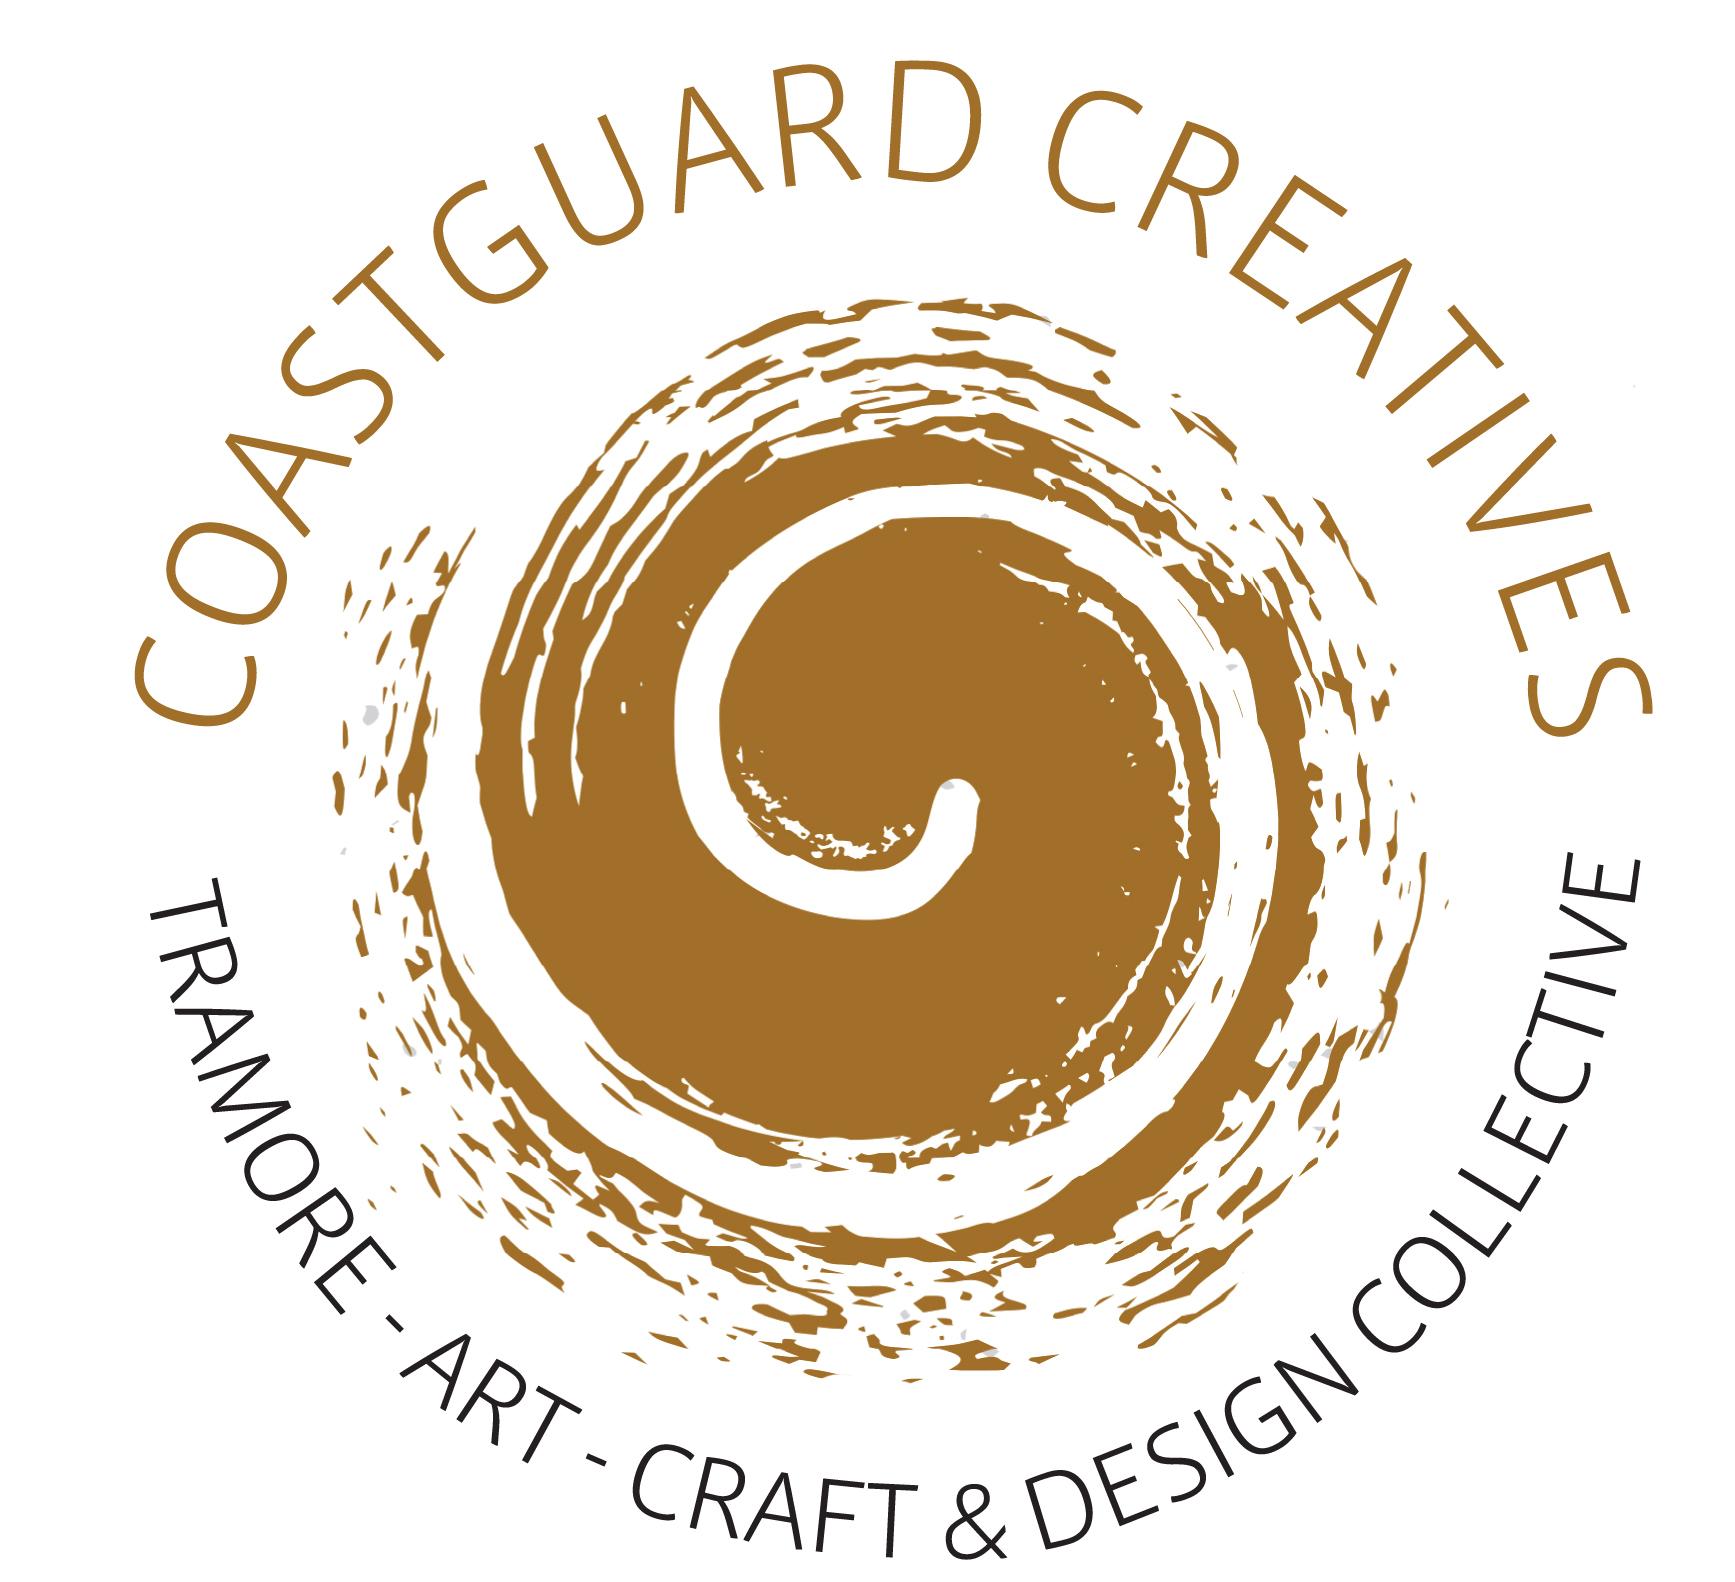 Coastguard Creatives